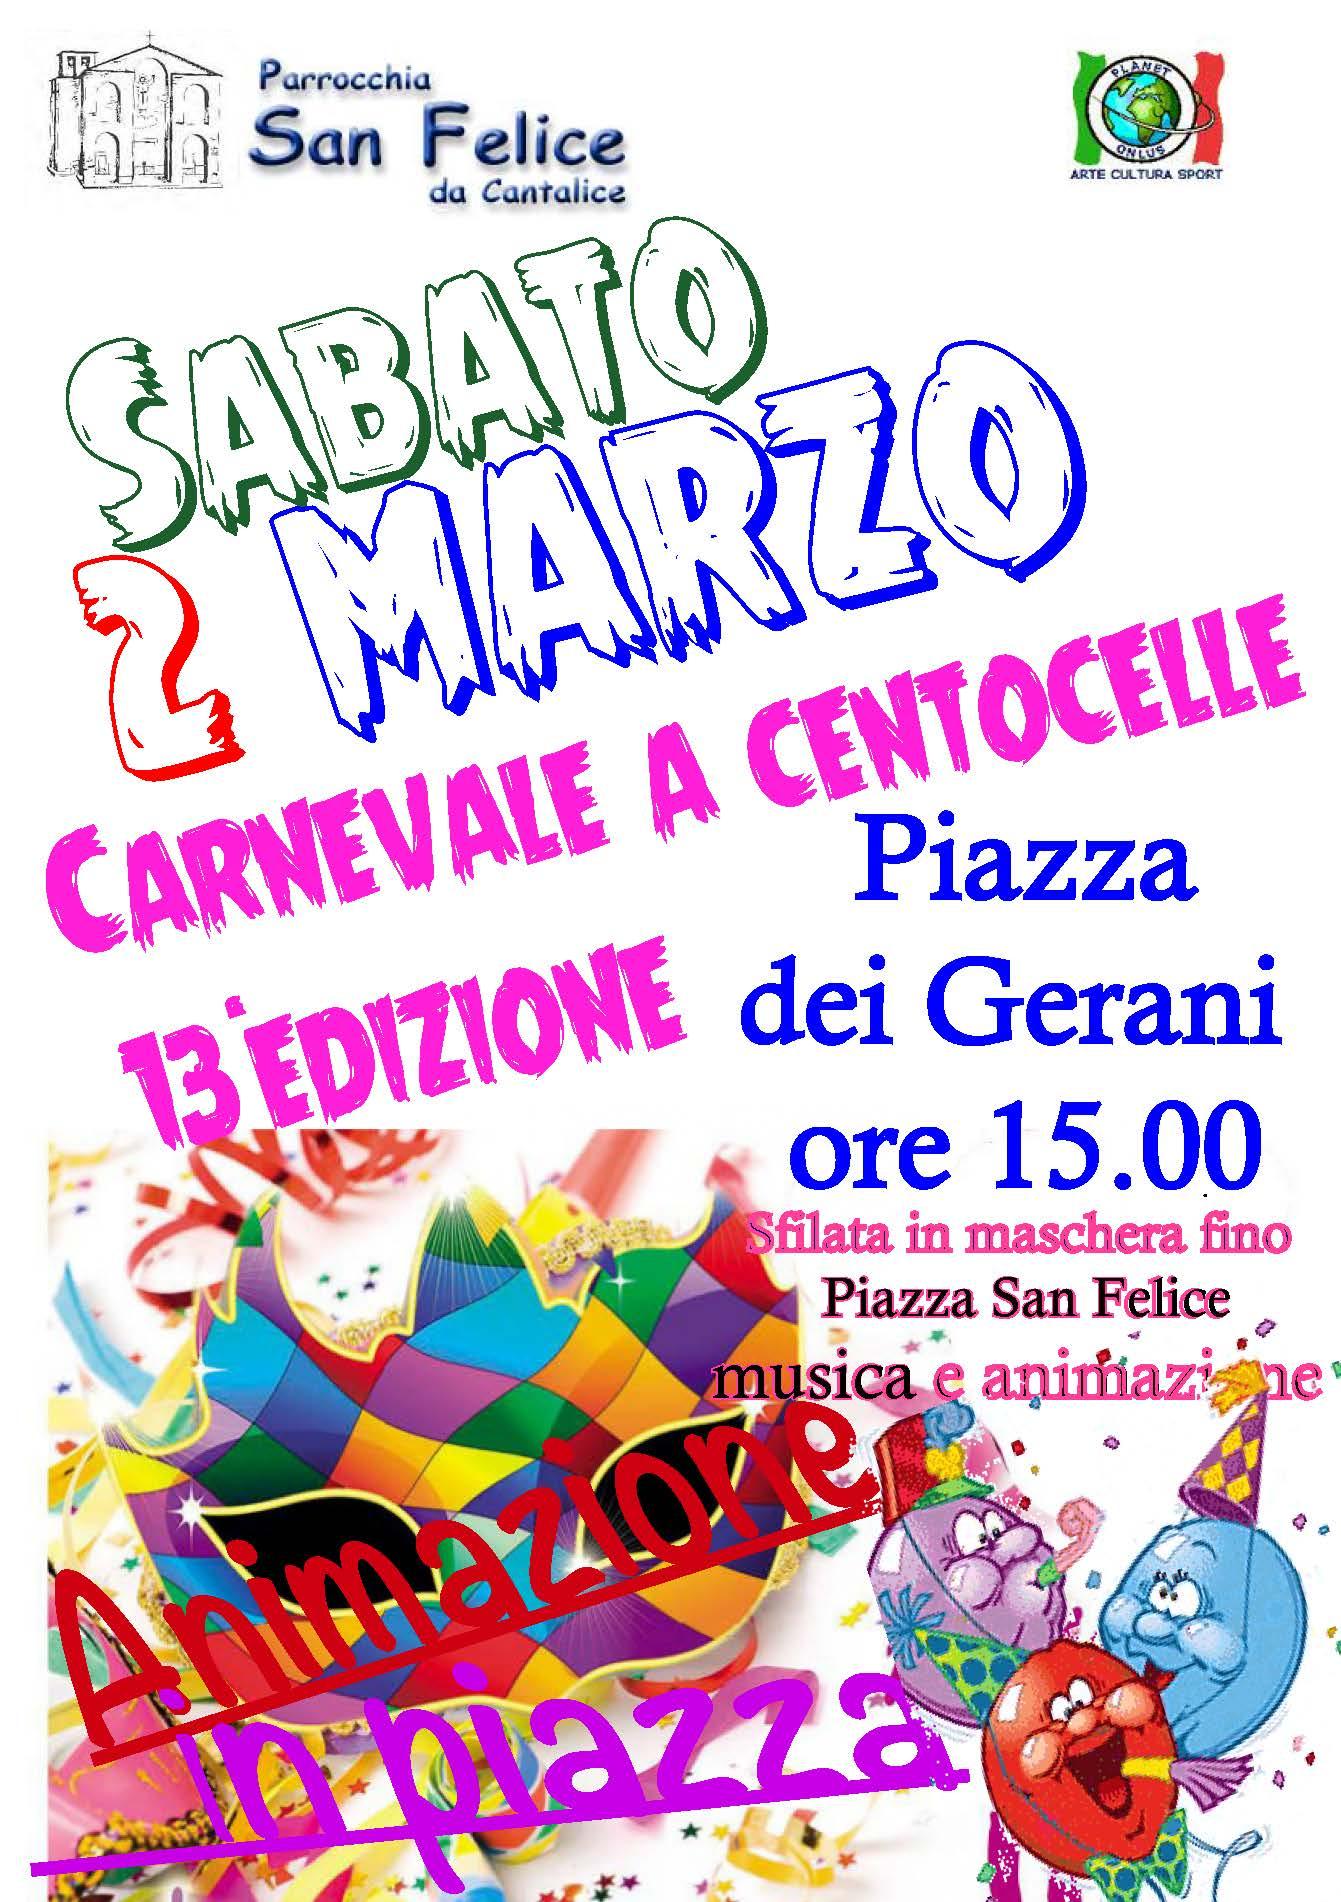 Carnevale_2019.jpg